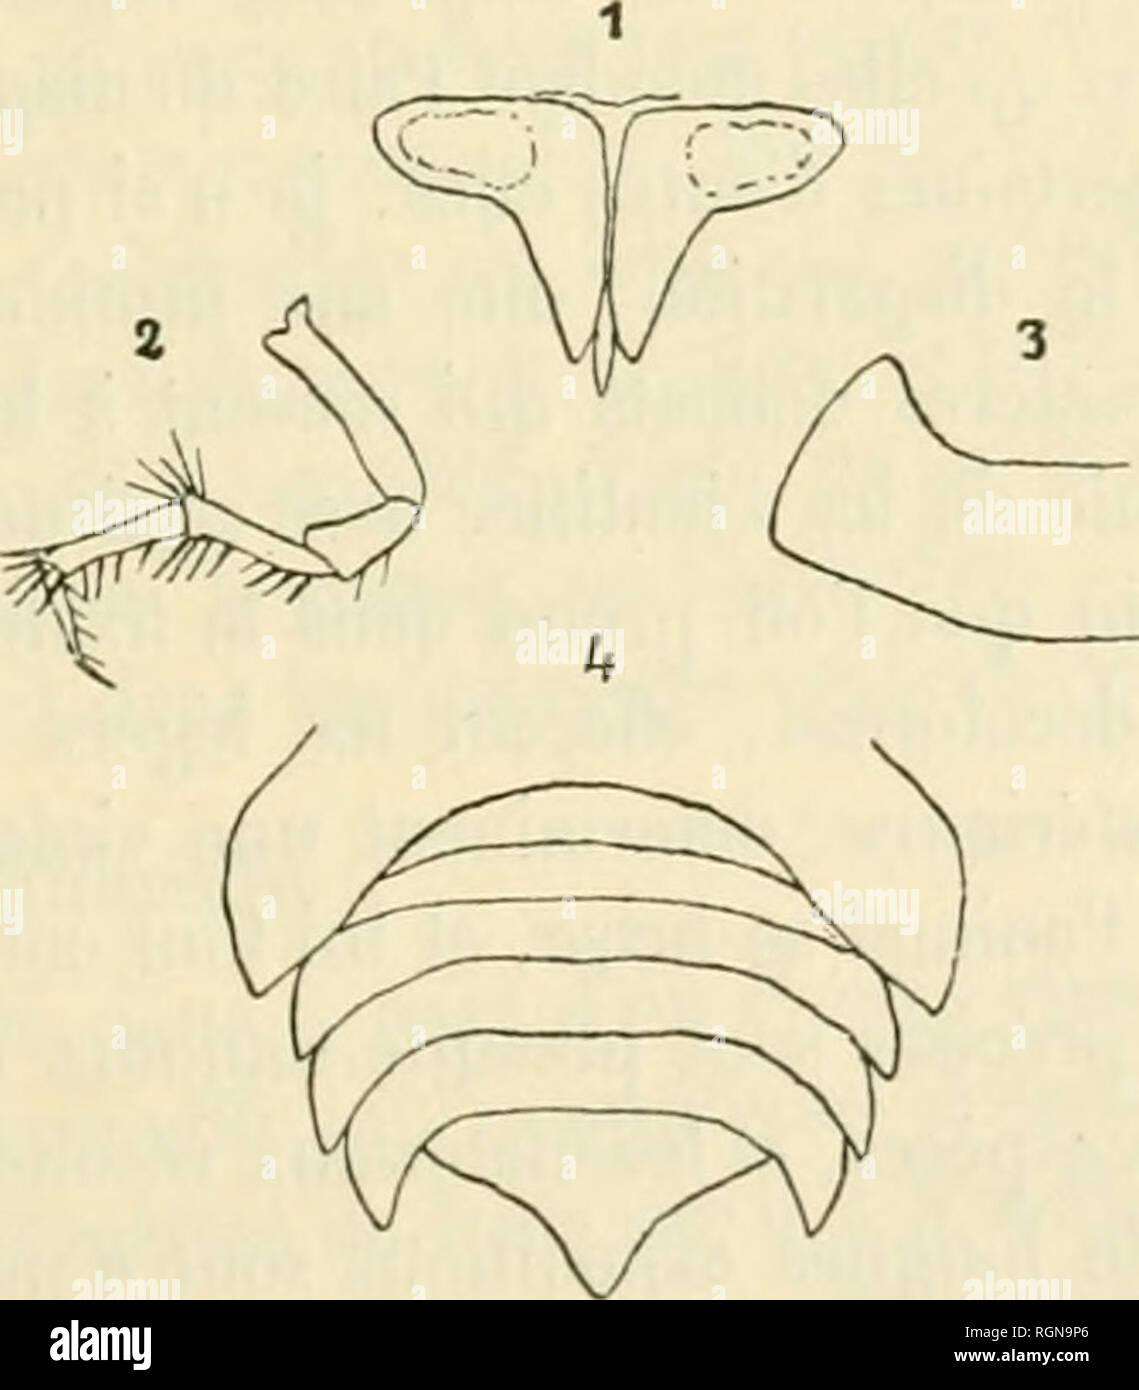 . Bulletin du Musum national d'histoire naturelle. Natural history. â 325 â Scolopendra var. mulilatis L. koch.â Chine : Ile de Tchou-San [coll. R.-P. Barberet-i/2 Nadar, 189/1], Ouest deChang-Ilaï [coll. Abbé de Joan- nis] et Japon (coll. H.-W. Brôlemann, 1902). â Japon centra! : Setsu (musée de Hambourg, 190.3). â Nord du Japon : Nippon (])' Soller, 1888). â var. japonîea L. Koch. â Japon (1869). -- Nippon moyen:environs de Tokio (Harmand, 1901). â Yokohama (coll. H.-W. Brôlemann. 1902). â var. multidehs Newport. â Tonkin : Lao-Kay (D' Chevalier, 1902). â Côte orientale de Sumatra : P - Stock Image